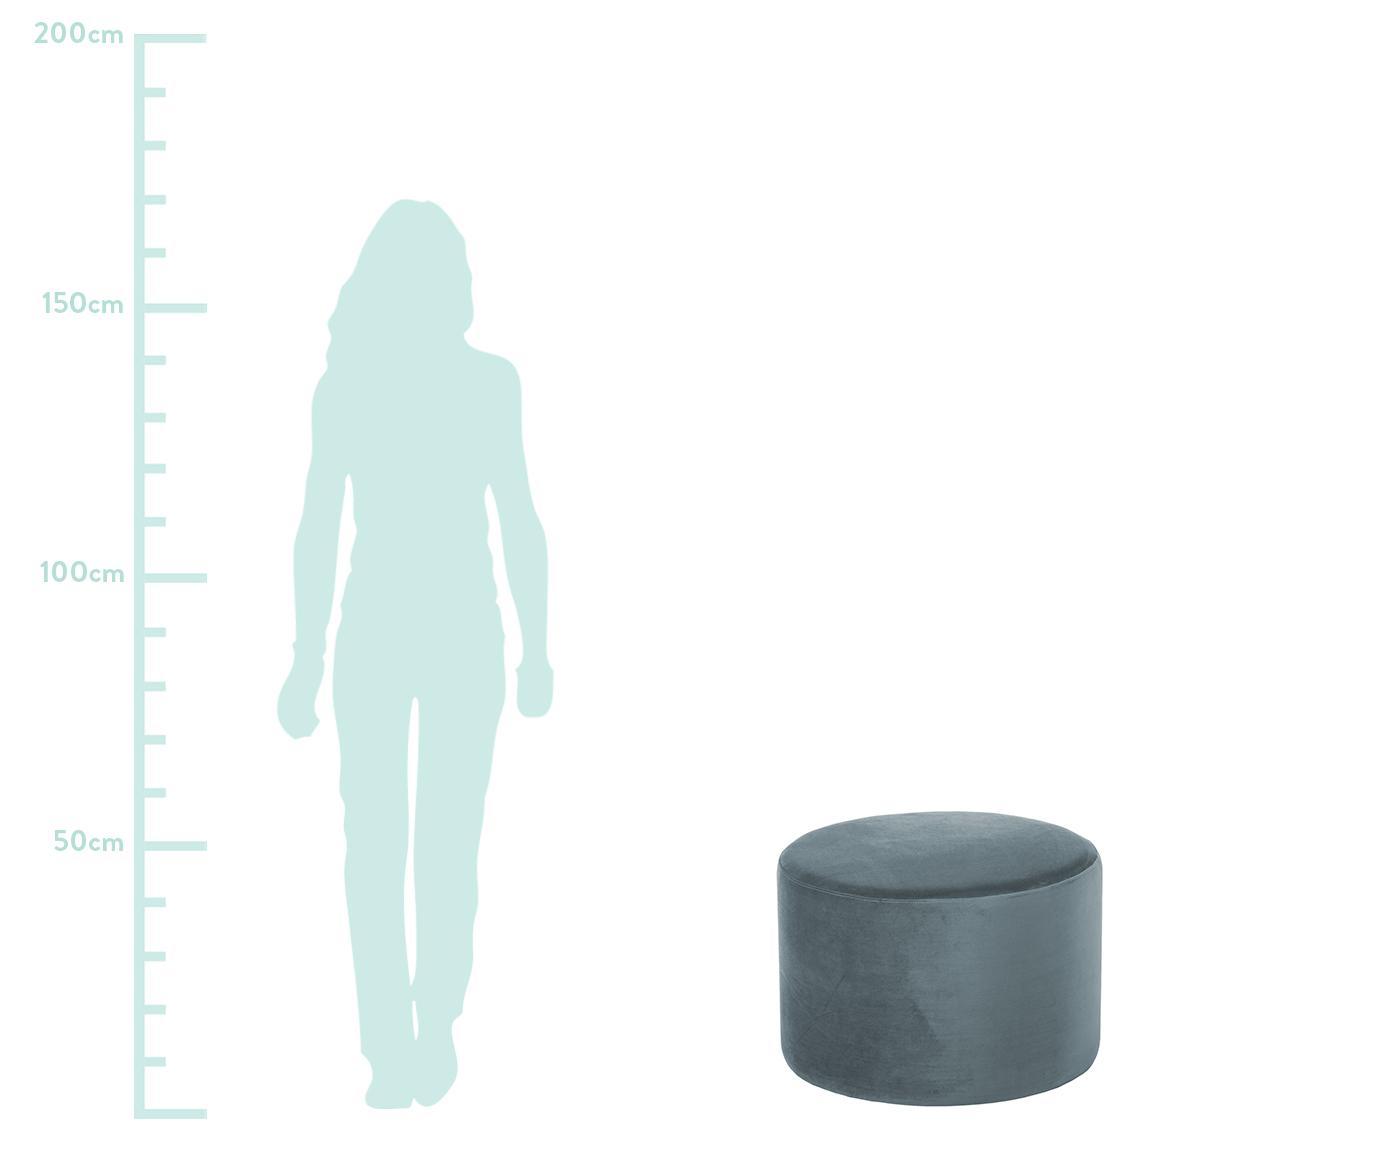 Samt-Hocker Daisy, Bezug: Samt (Polyester) 15.000 S, Rahmen: Mitteldichte Holzfaserpla, Samt Graublau, Ø 54 x H 40 cm